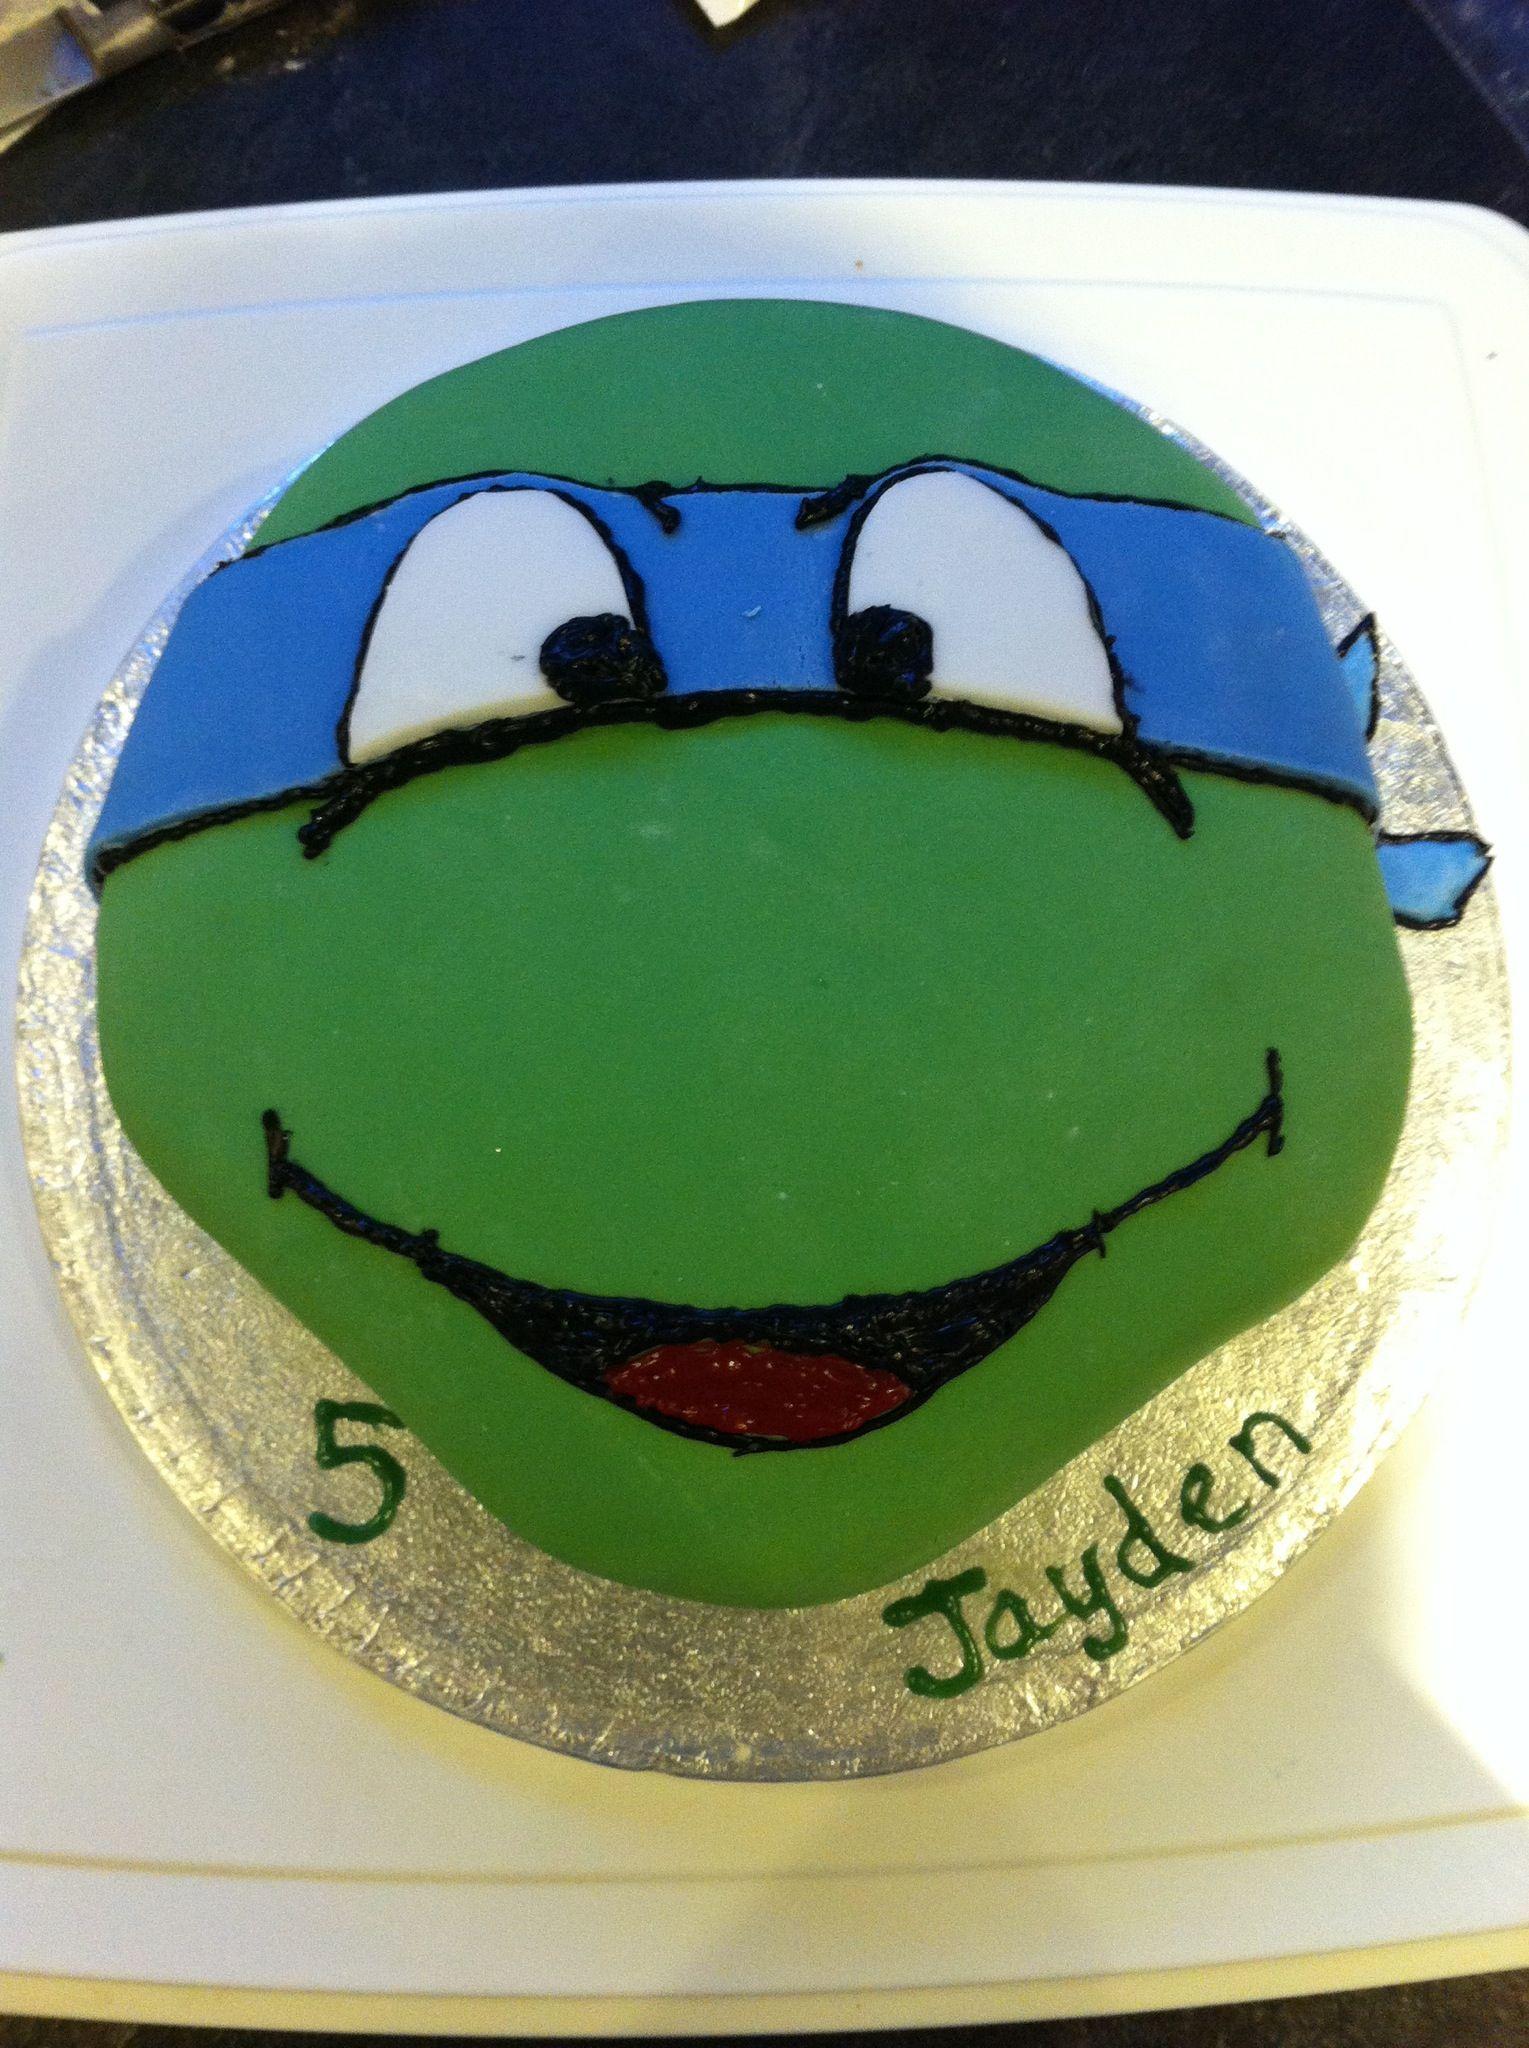 Leonardo Teenage Mutant Ninja Turtle Cake For My Sons Birthday